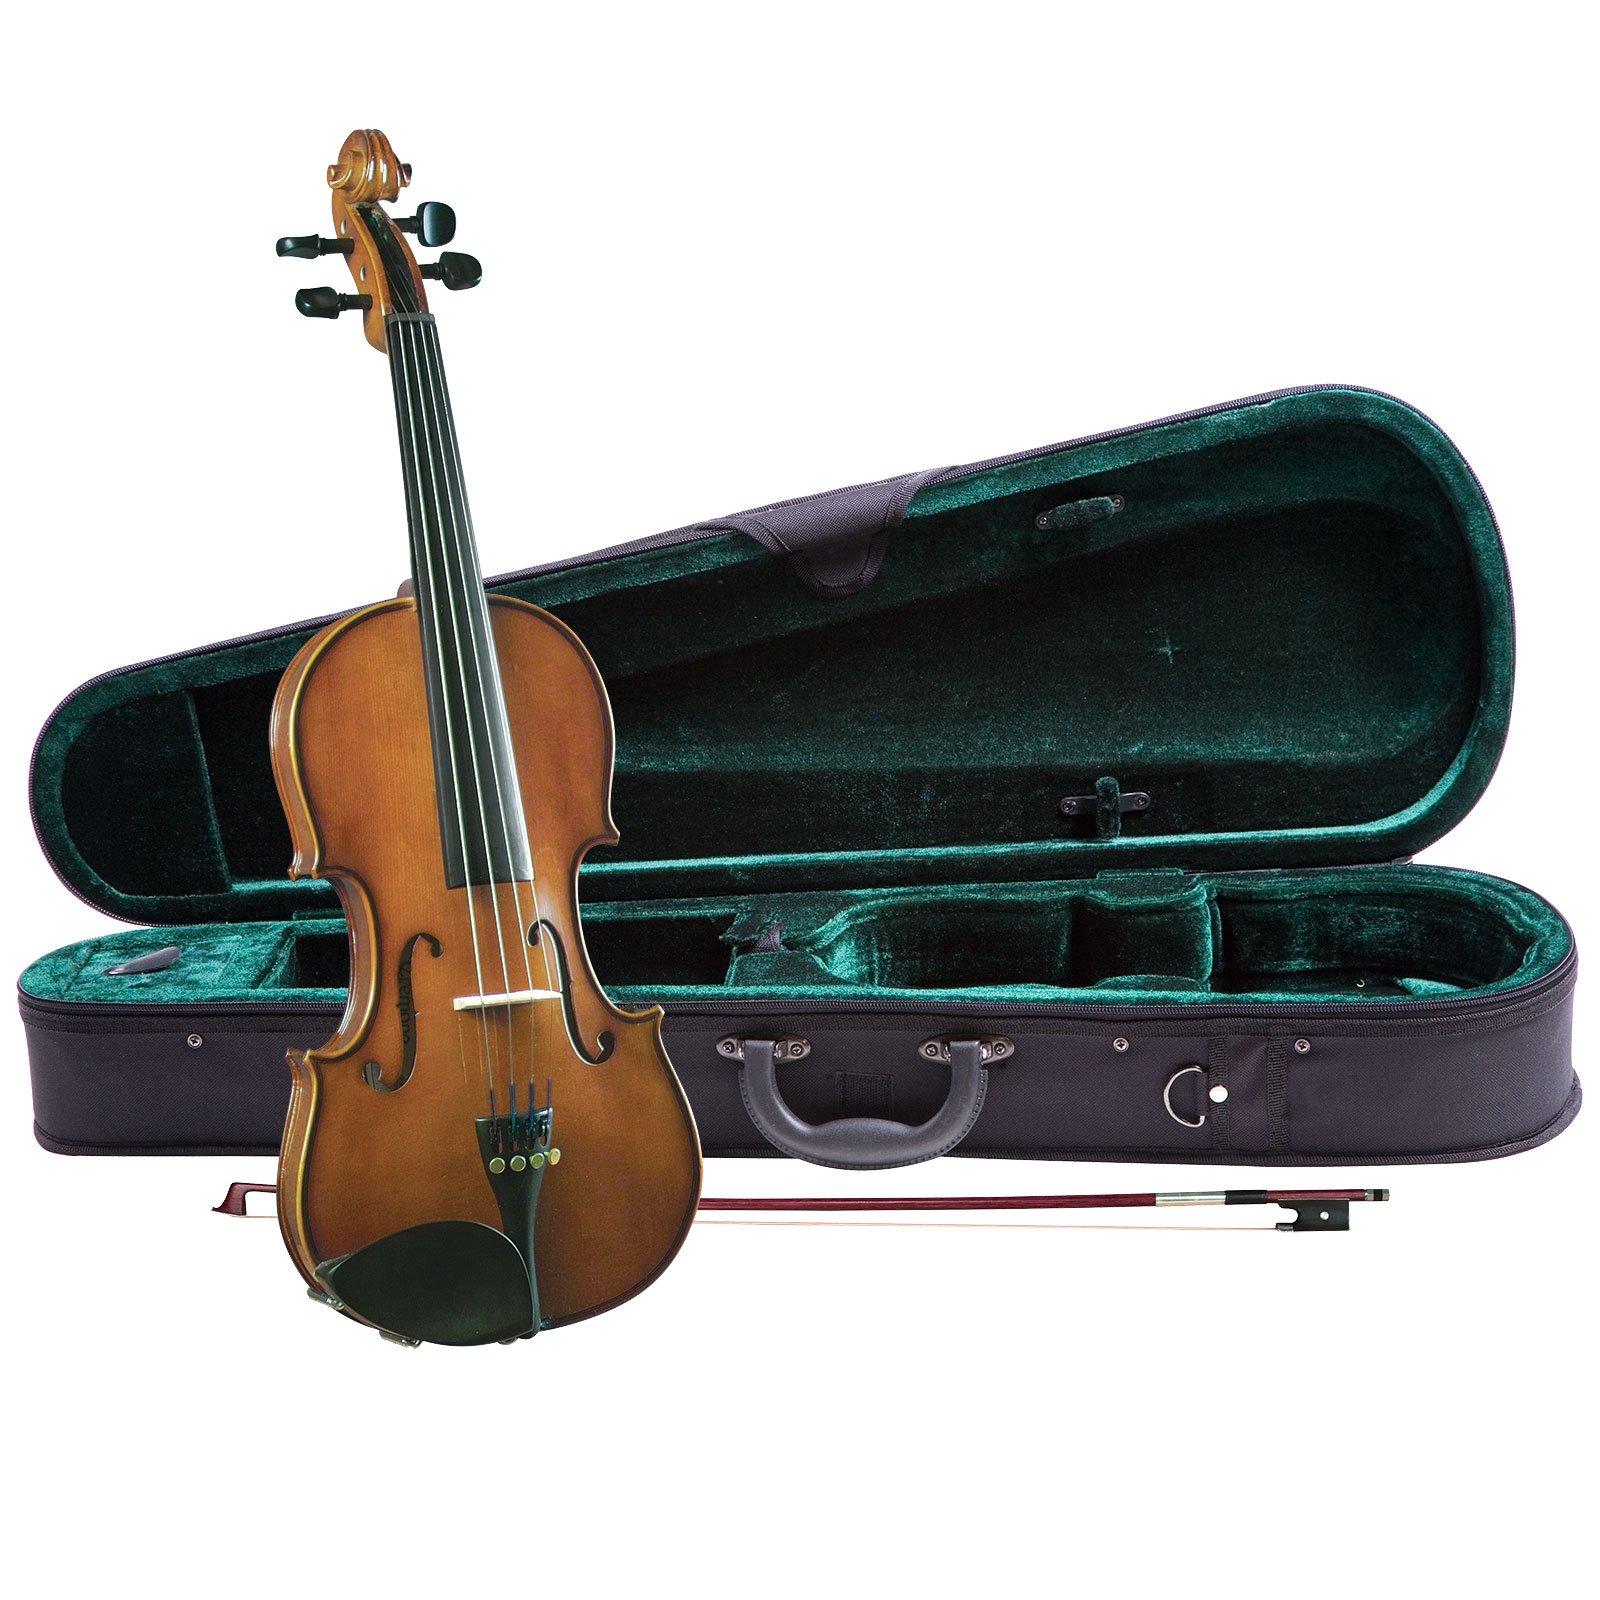 Cremona SV-130 Premier Novice Violin Outfit - 4/4 Size